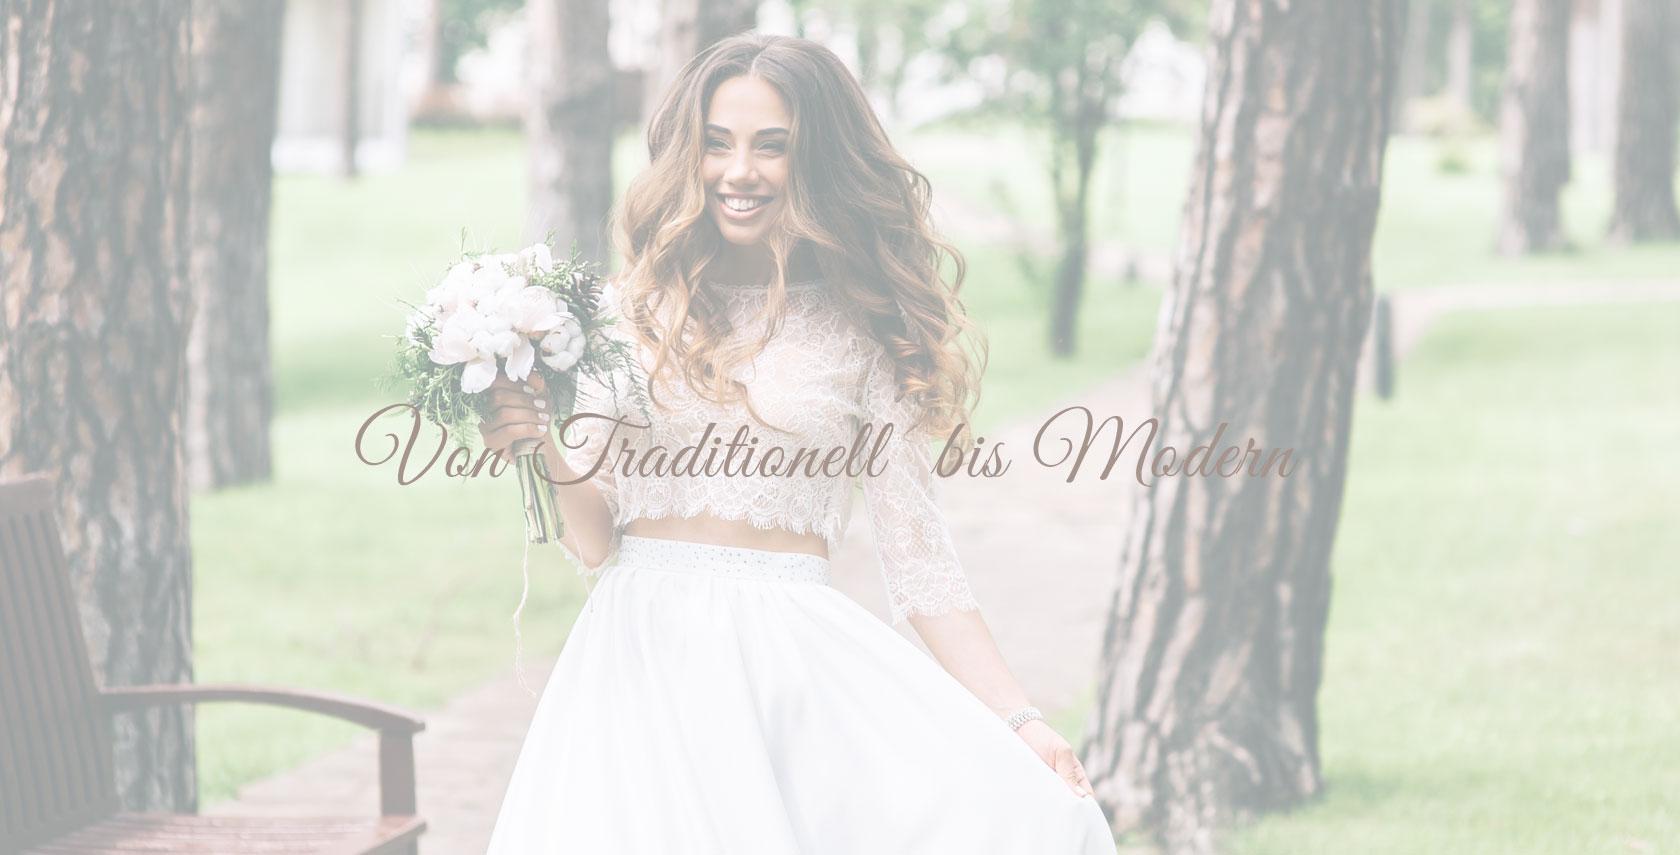 Brautkleider-Hochzeitskleider-Siegen